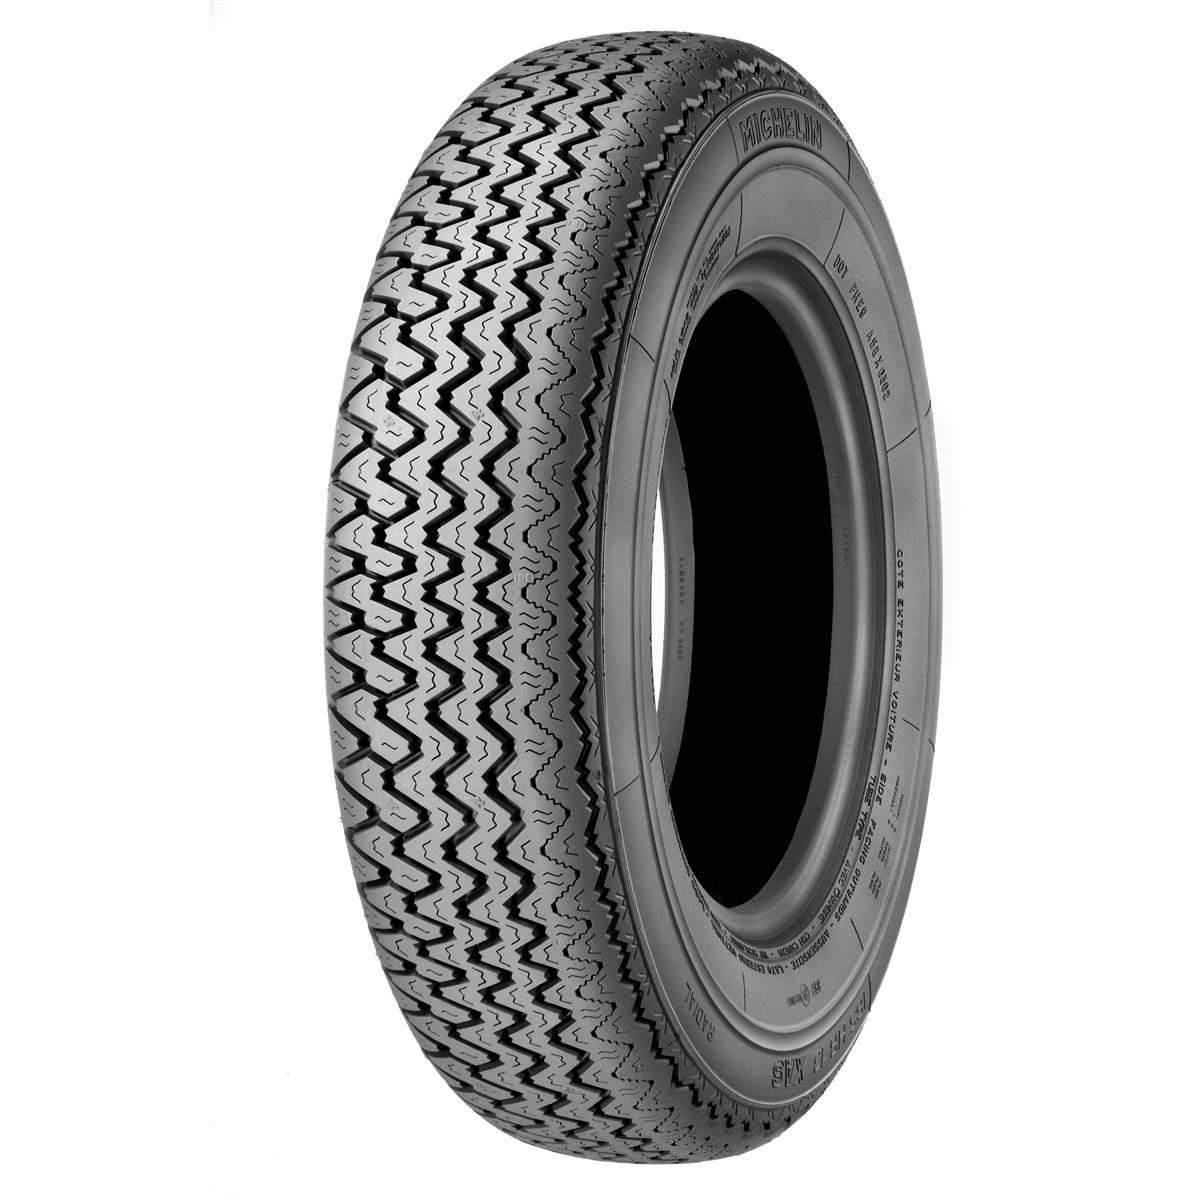 Pneu Michelin Collection 155/80R15 82H Xas